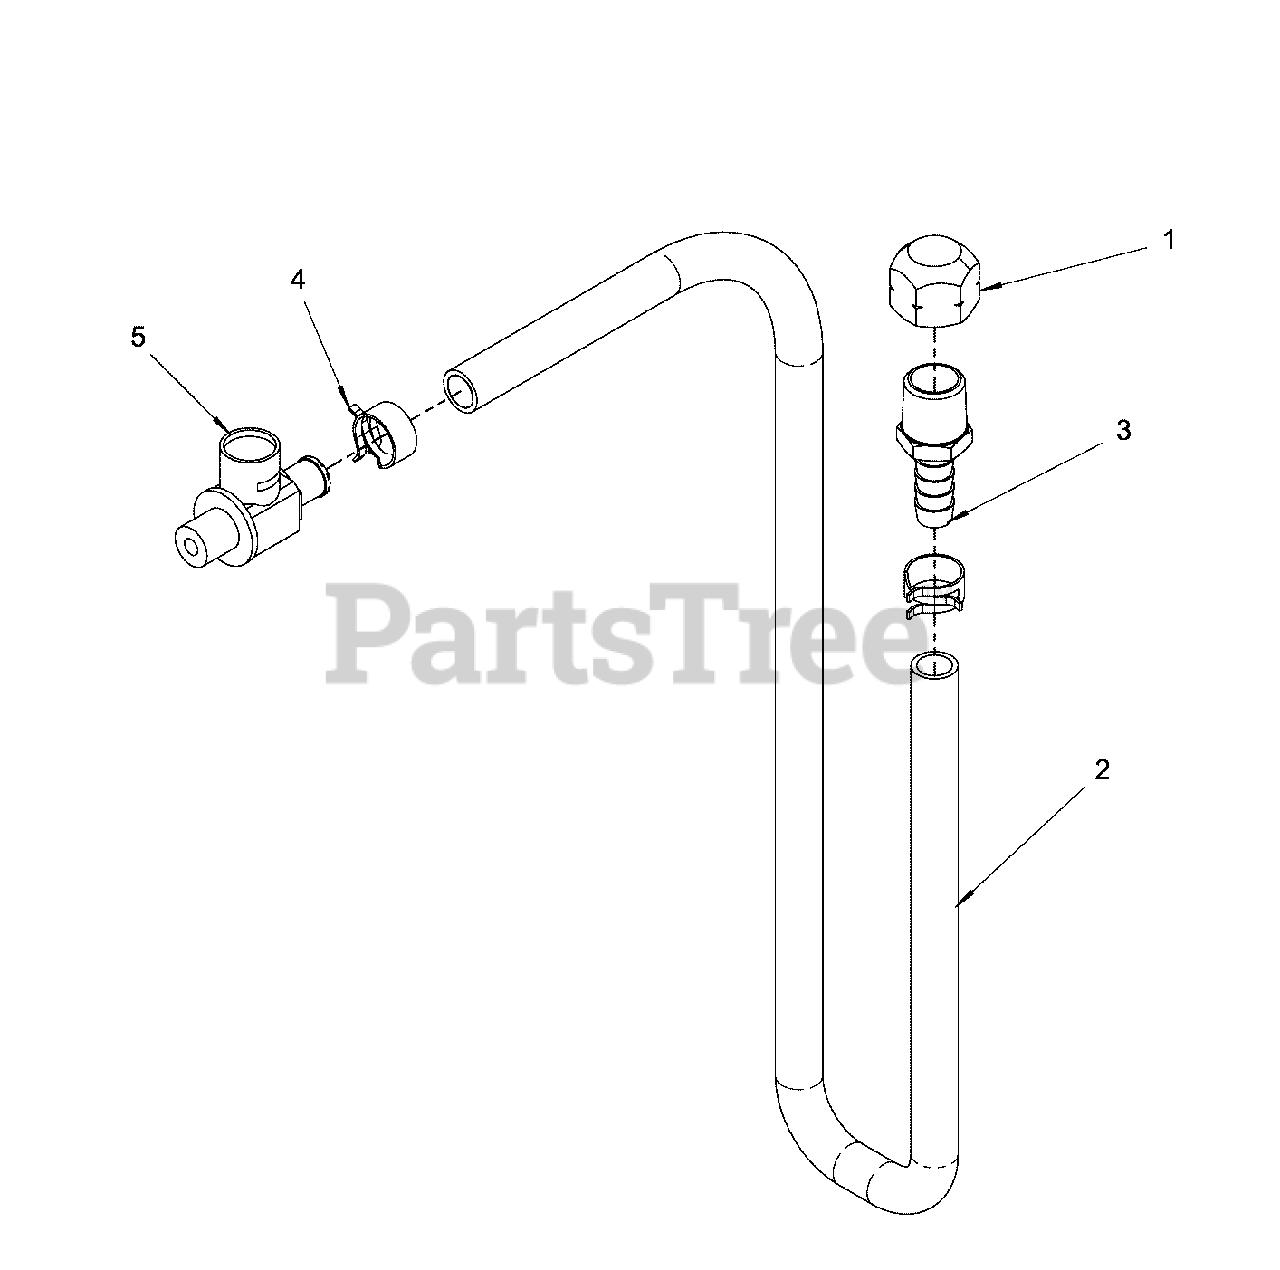 generator oil diagram briggs   stratton 076334 00 briggs   stratton 35kw liquid cooled  briggs   stratton 35kw liquid cooled